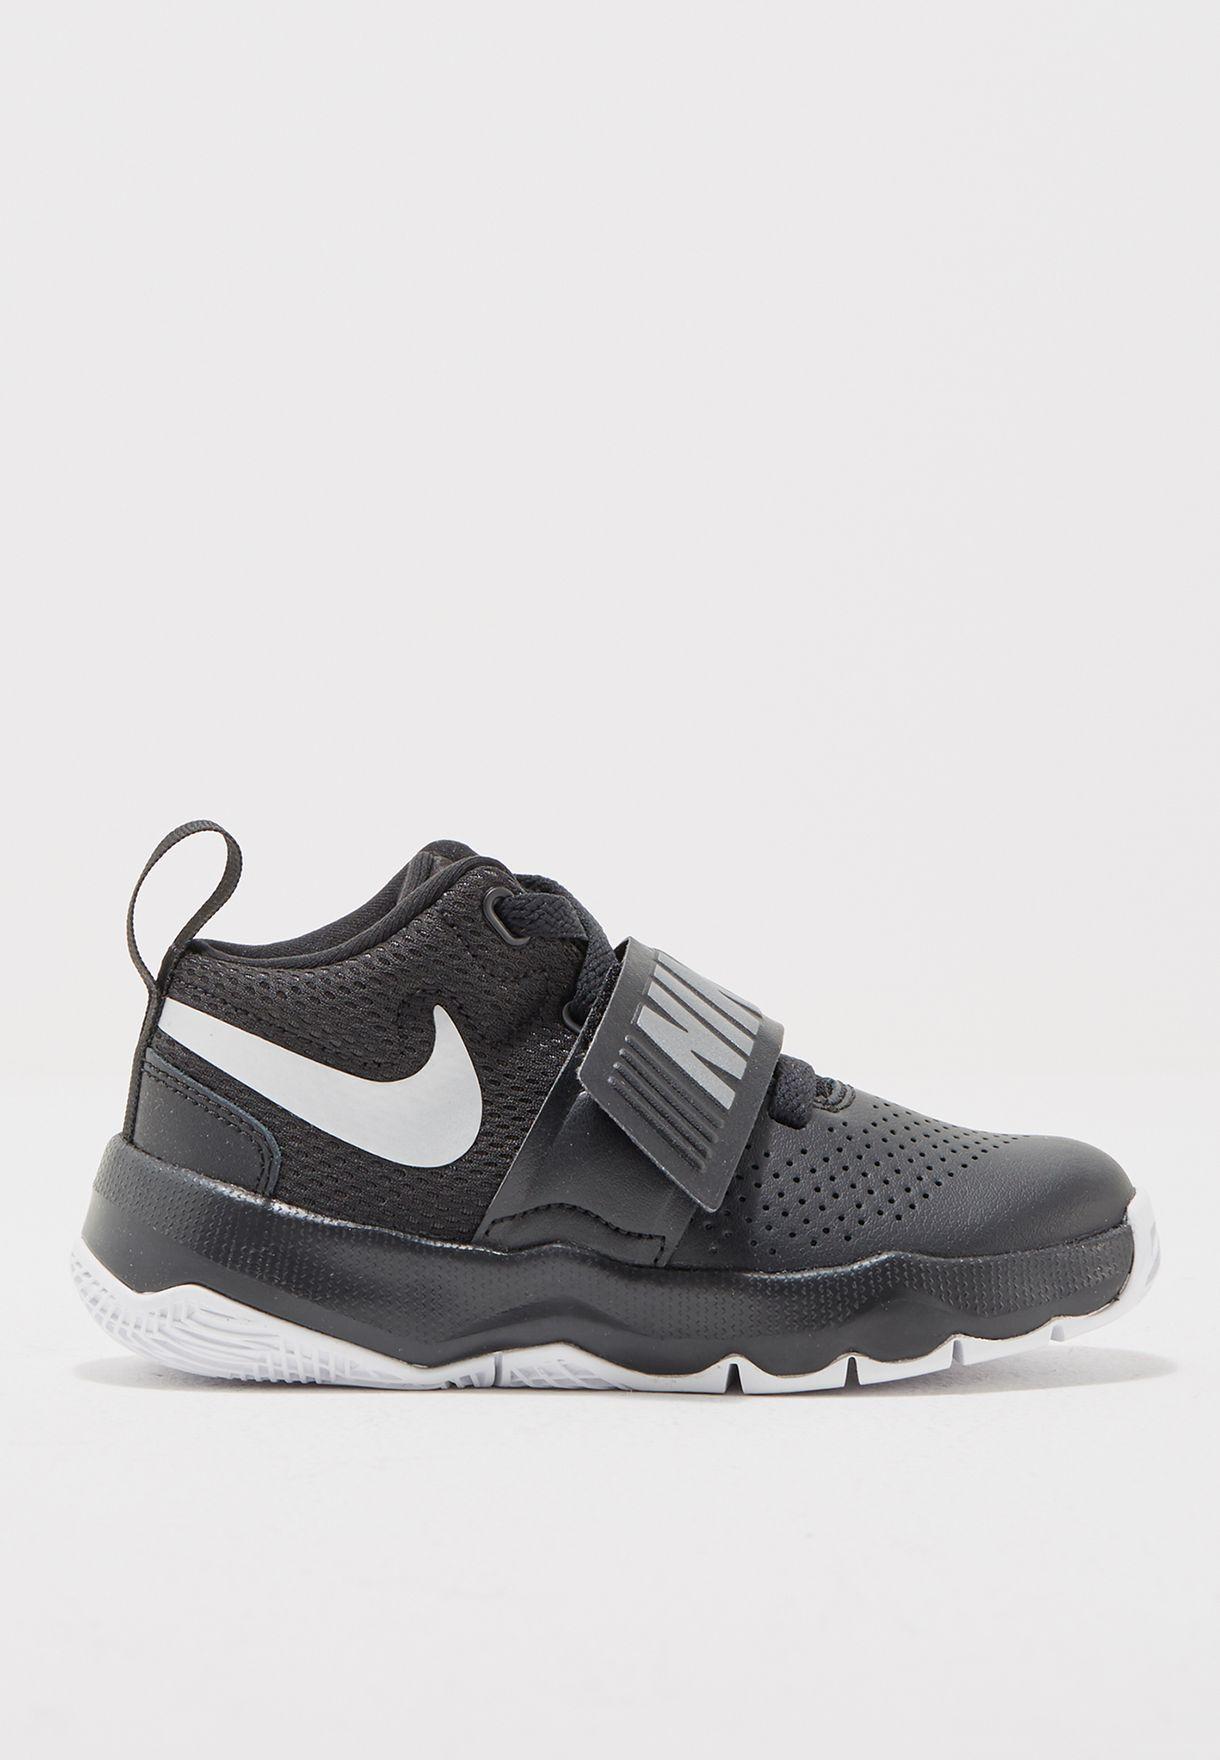 a43c94436 تسوق حذاء تيم هسل دي 8 للأطفال ماركة نايك لون أسود 881942-001 في ...